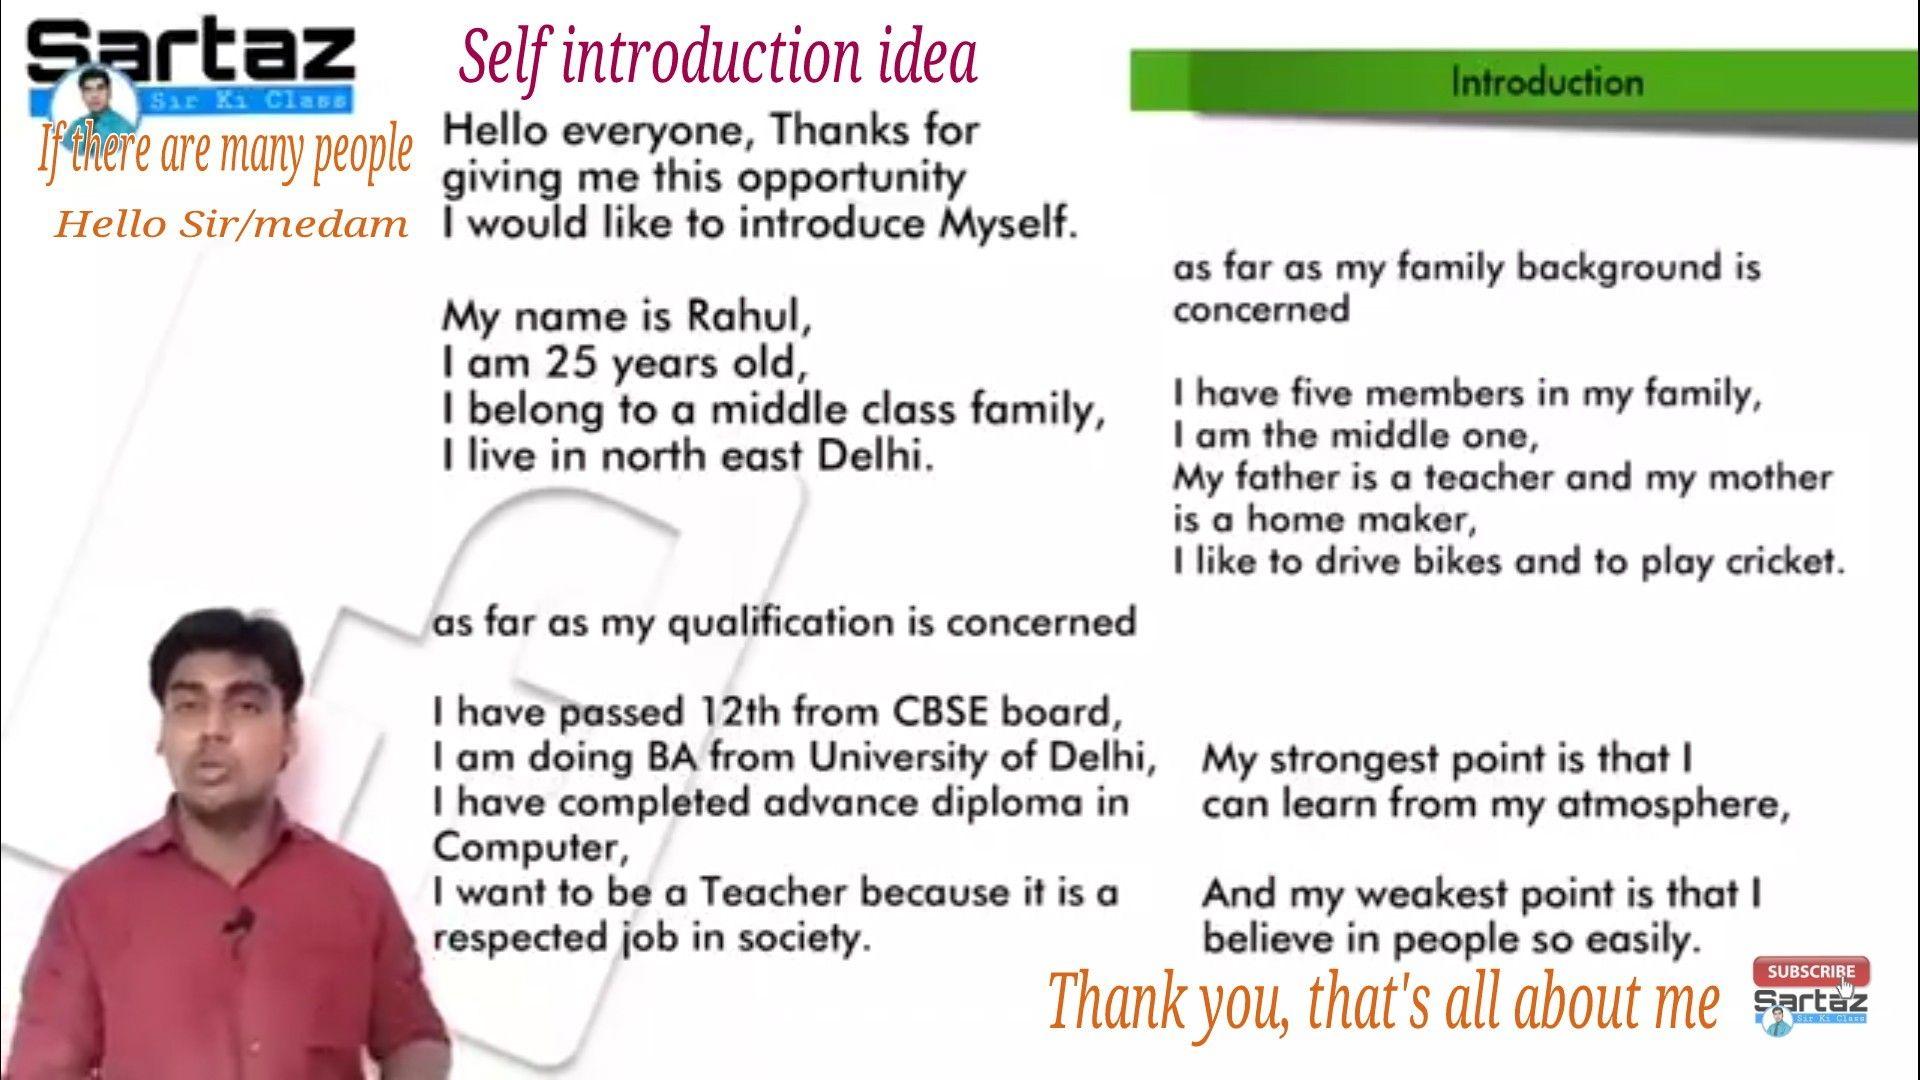 Self Introduction Idea